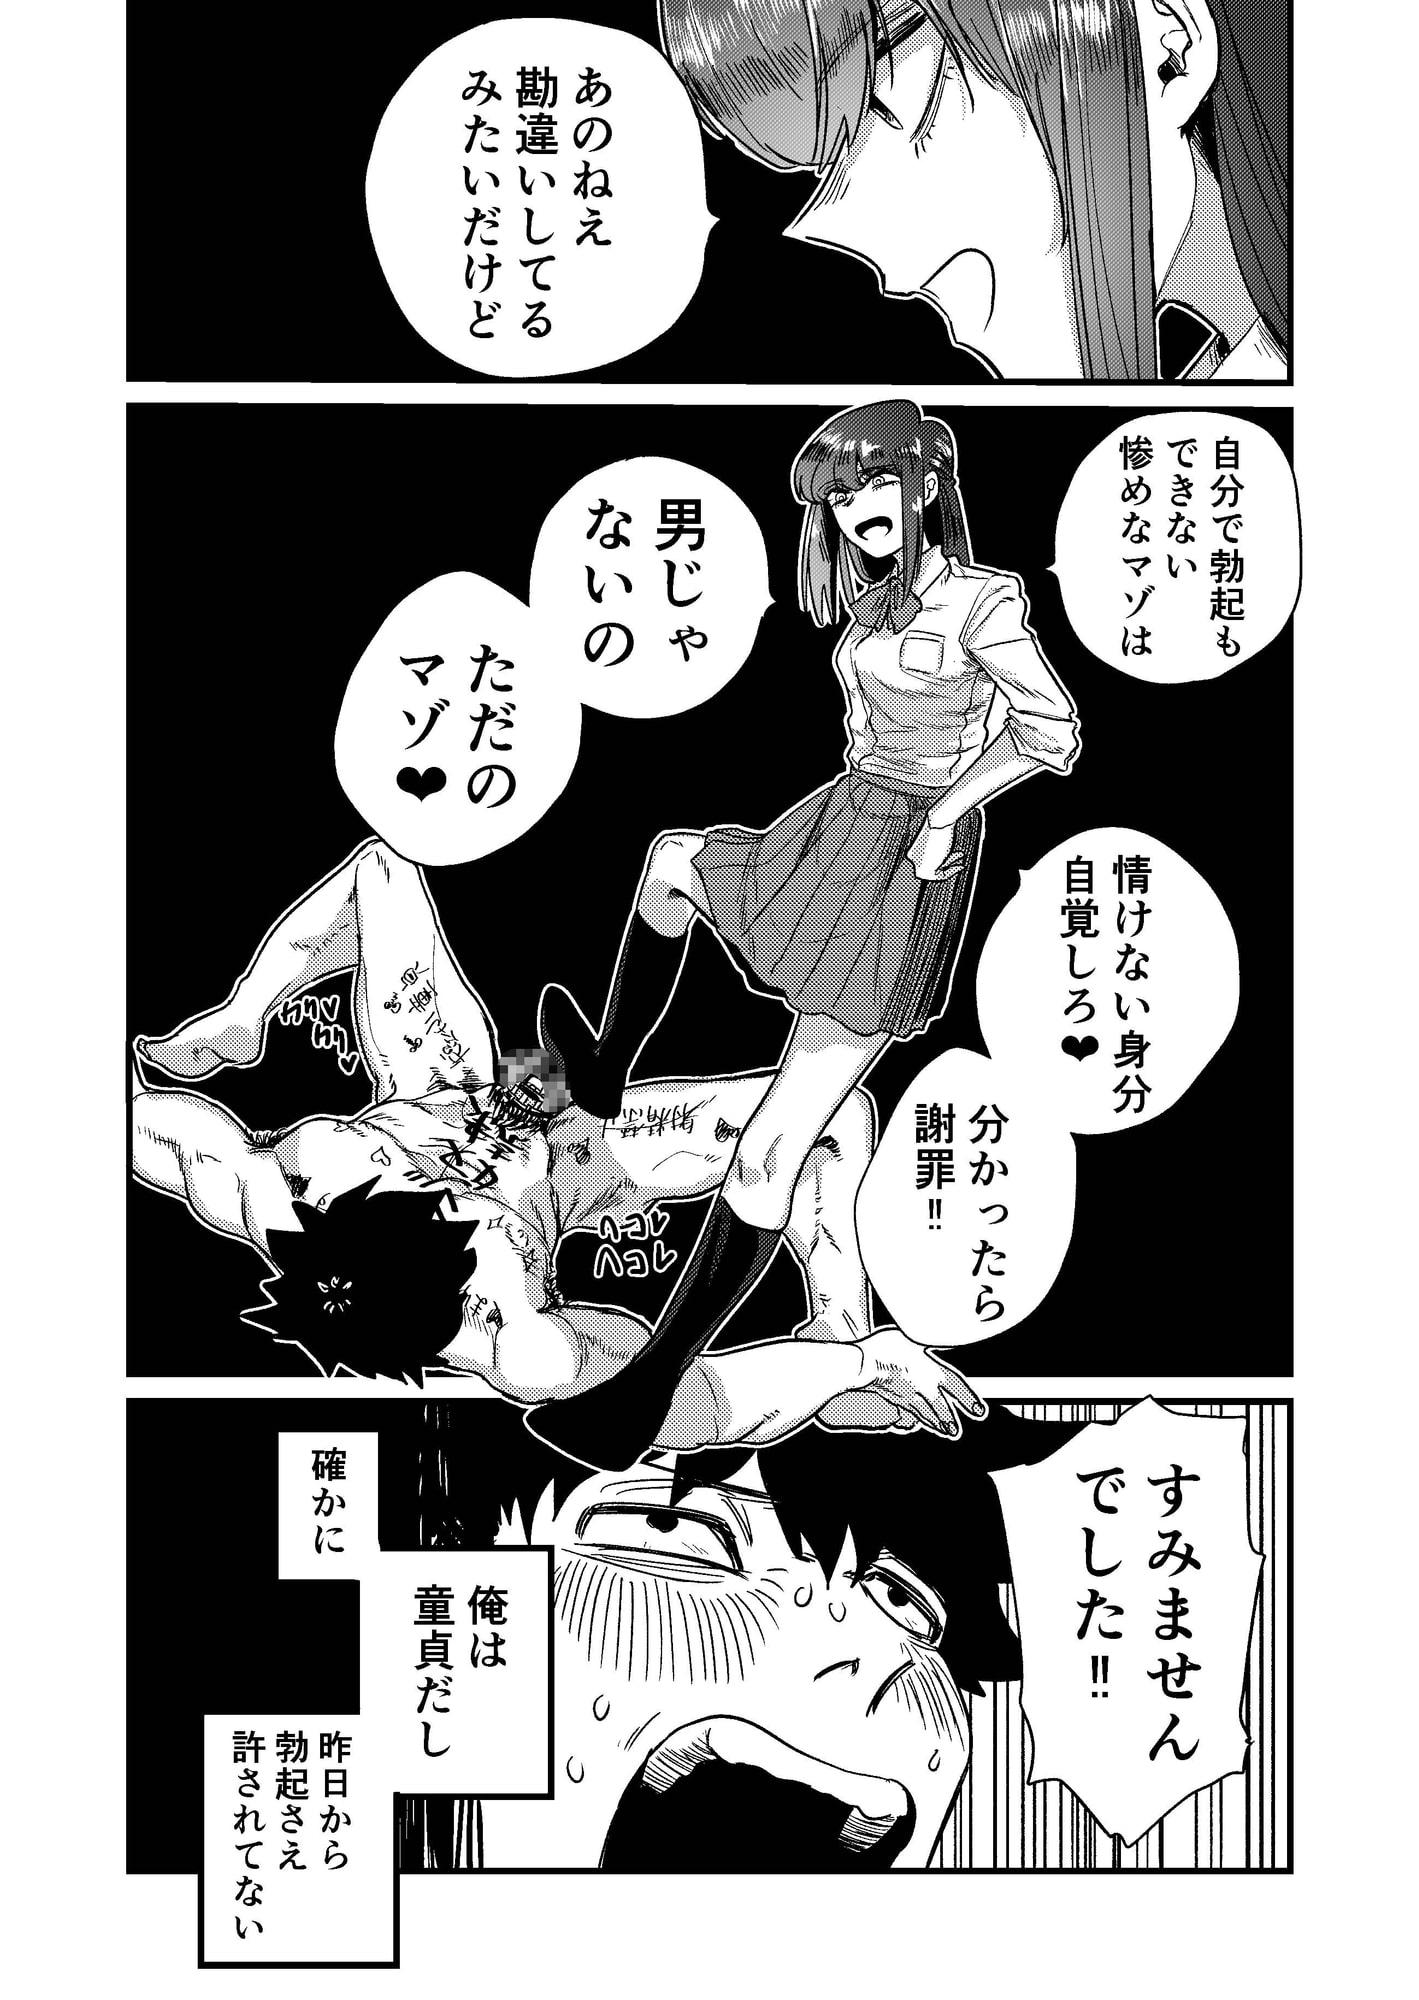 【エロ漫画】マゾ狩り西野さん 逆転無し×射精管理「サークル:ももちょび」【同人誌・コミック】#4